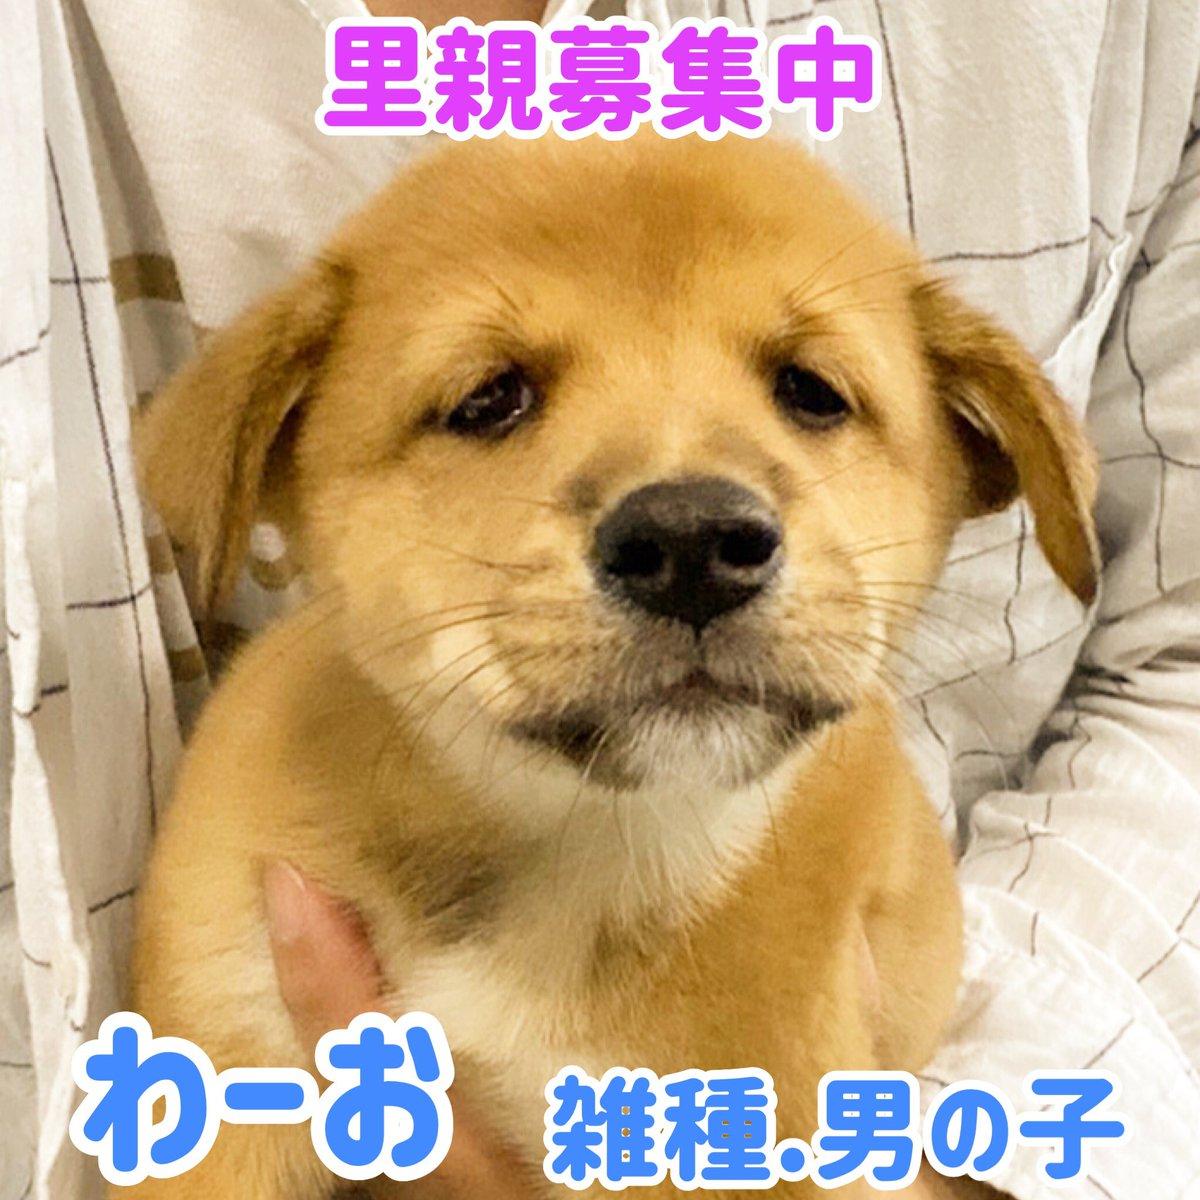 無料 大阪 里親 子犬